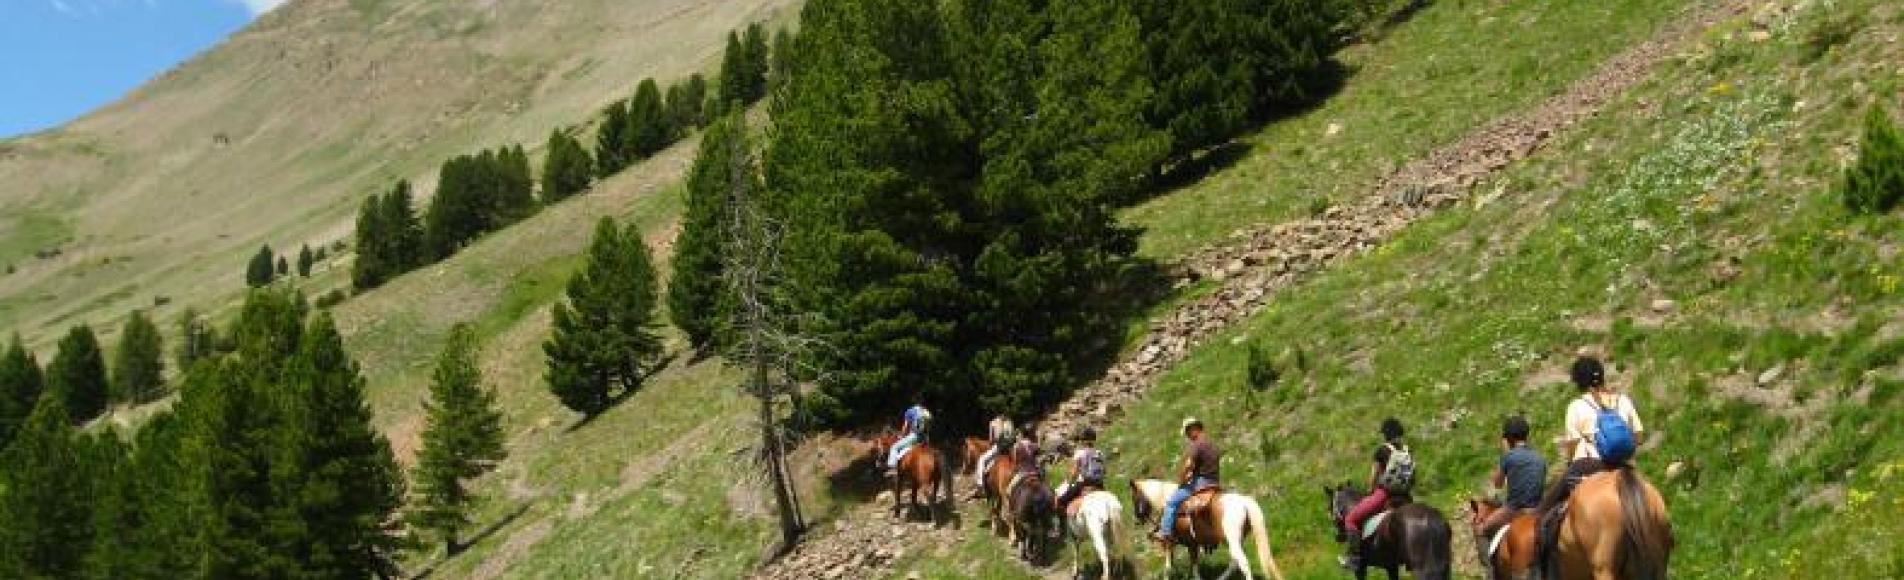 Balade à cheval sur le chemin du Roy - Le Monêtier les Bains -©  Cyril Coursier - Parc national des Ecrins